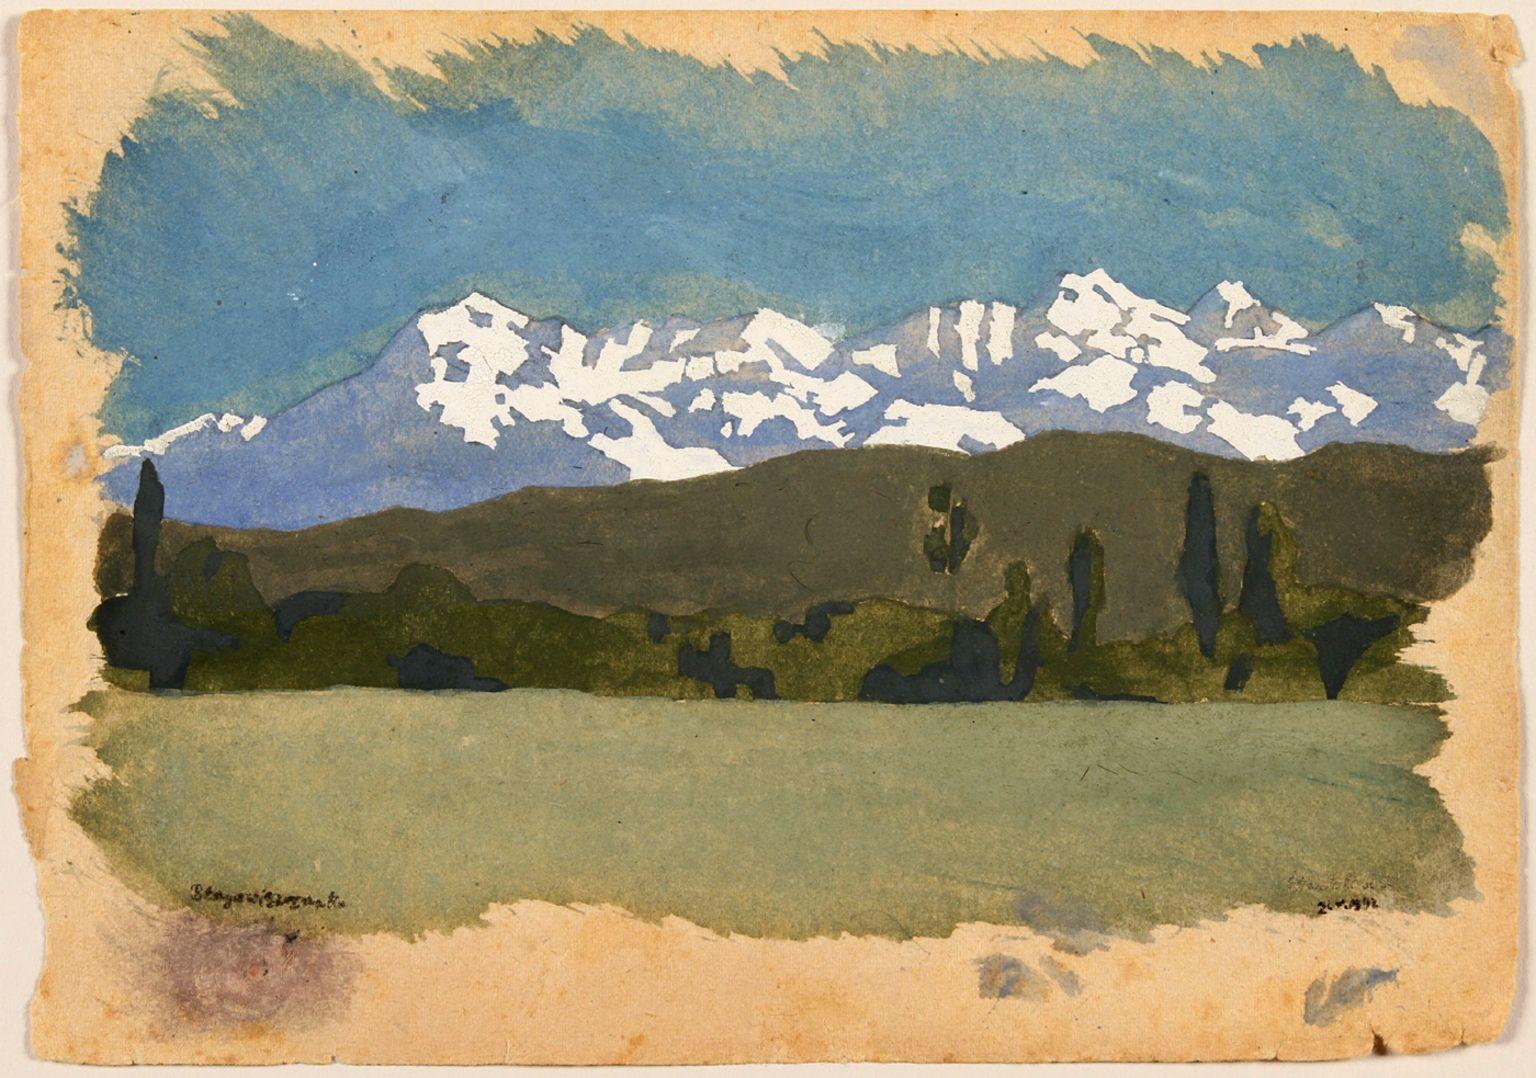 Mountains watercolour, Kyrgyzstan, 1942